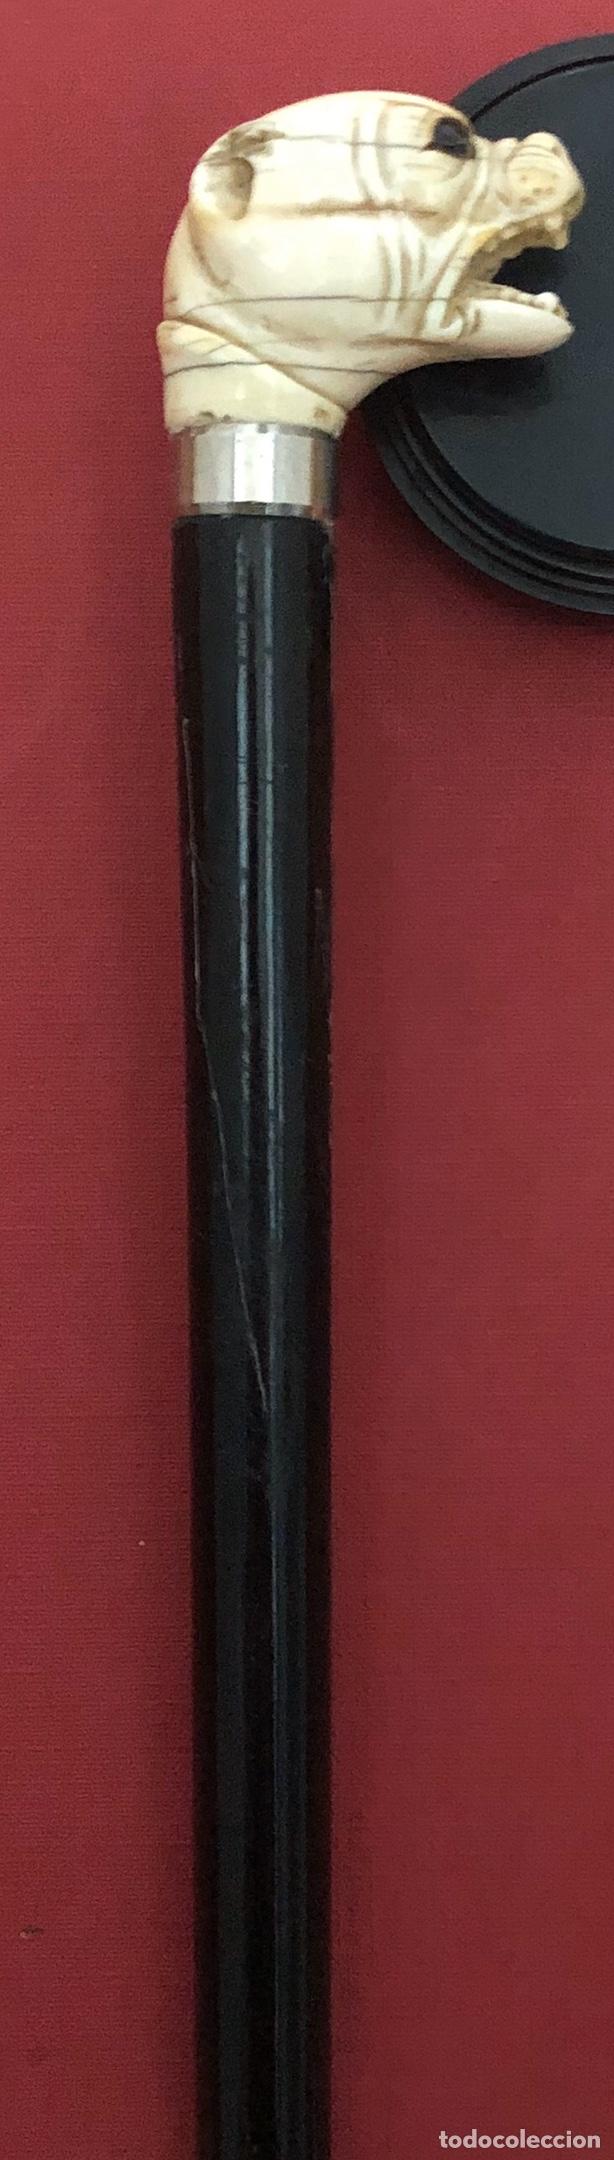 Antigüedades: Antiguo bastón en madera ebonizada, y empuñadura, en hueso o marfil. - Foto 6 - 242344950